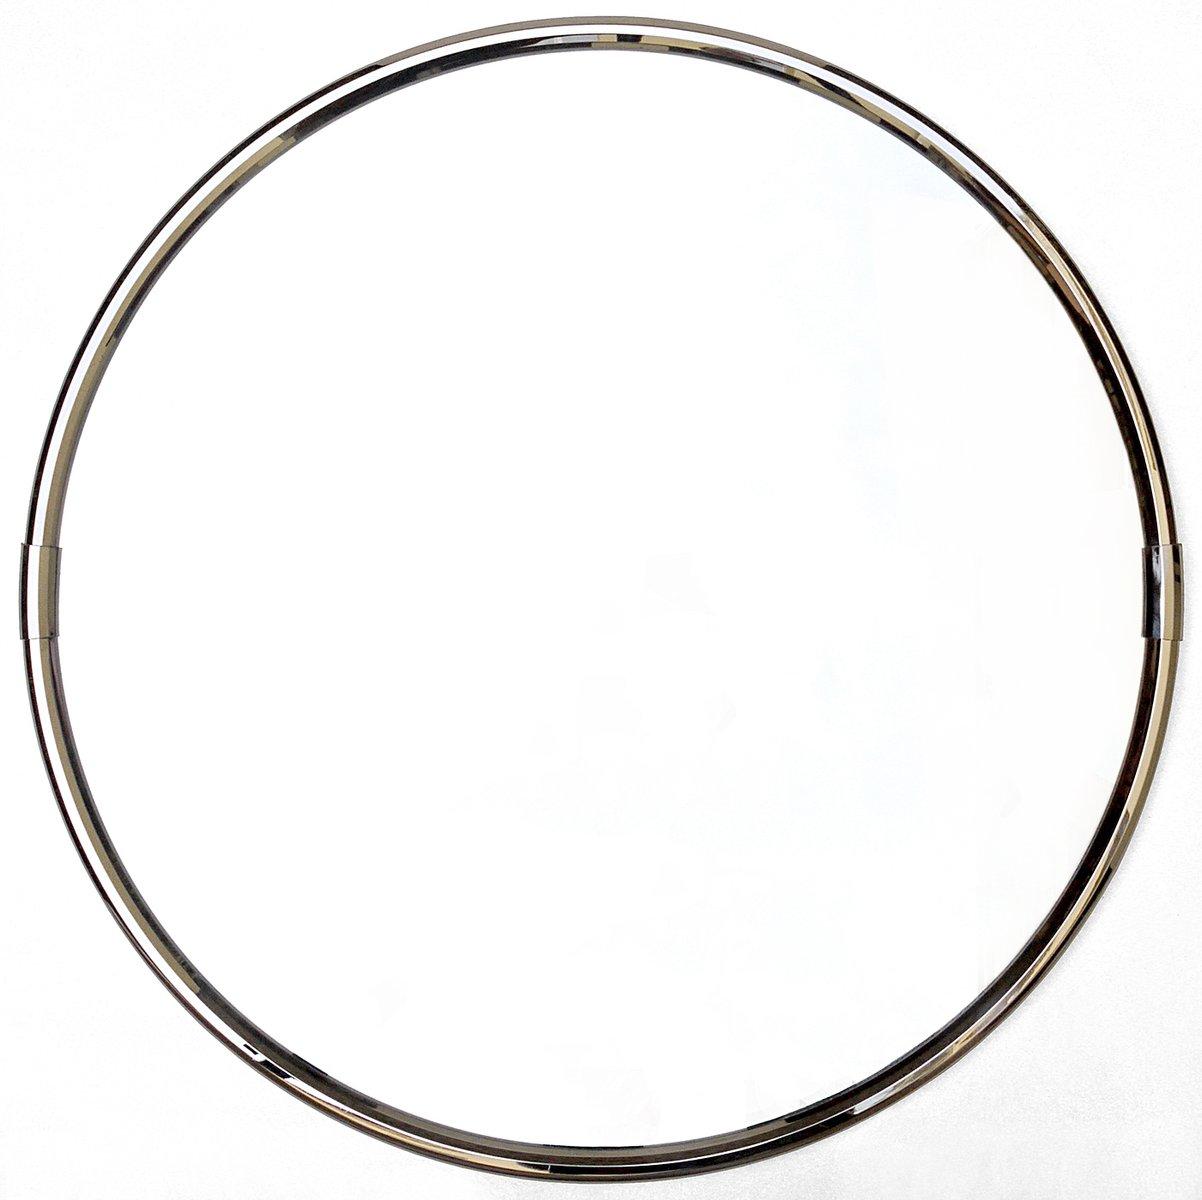 Miroir rond avec cadre en chrome 1970s en vente sur pamono for Miroir rond sans cadre